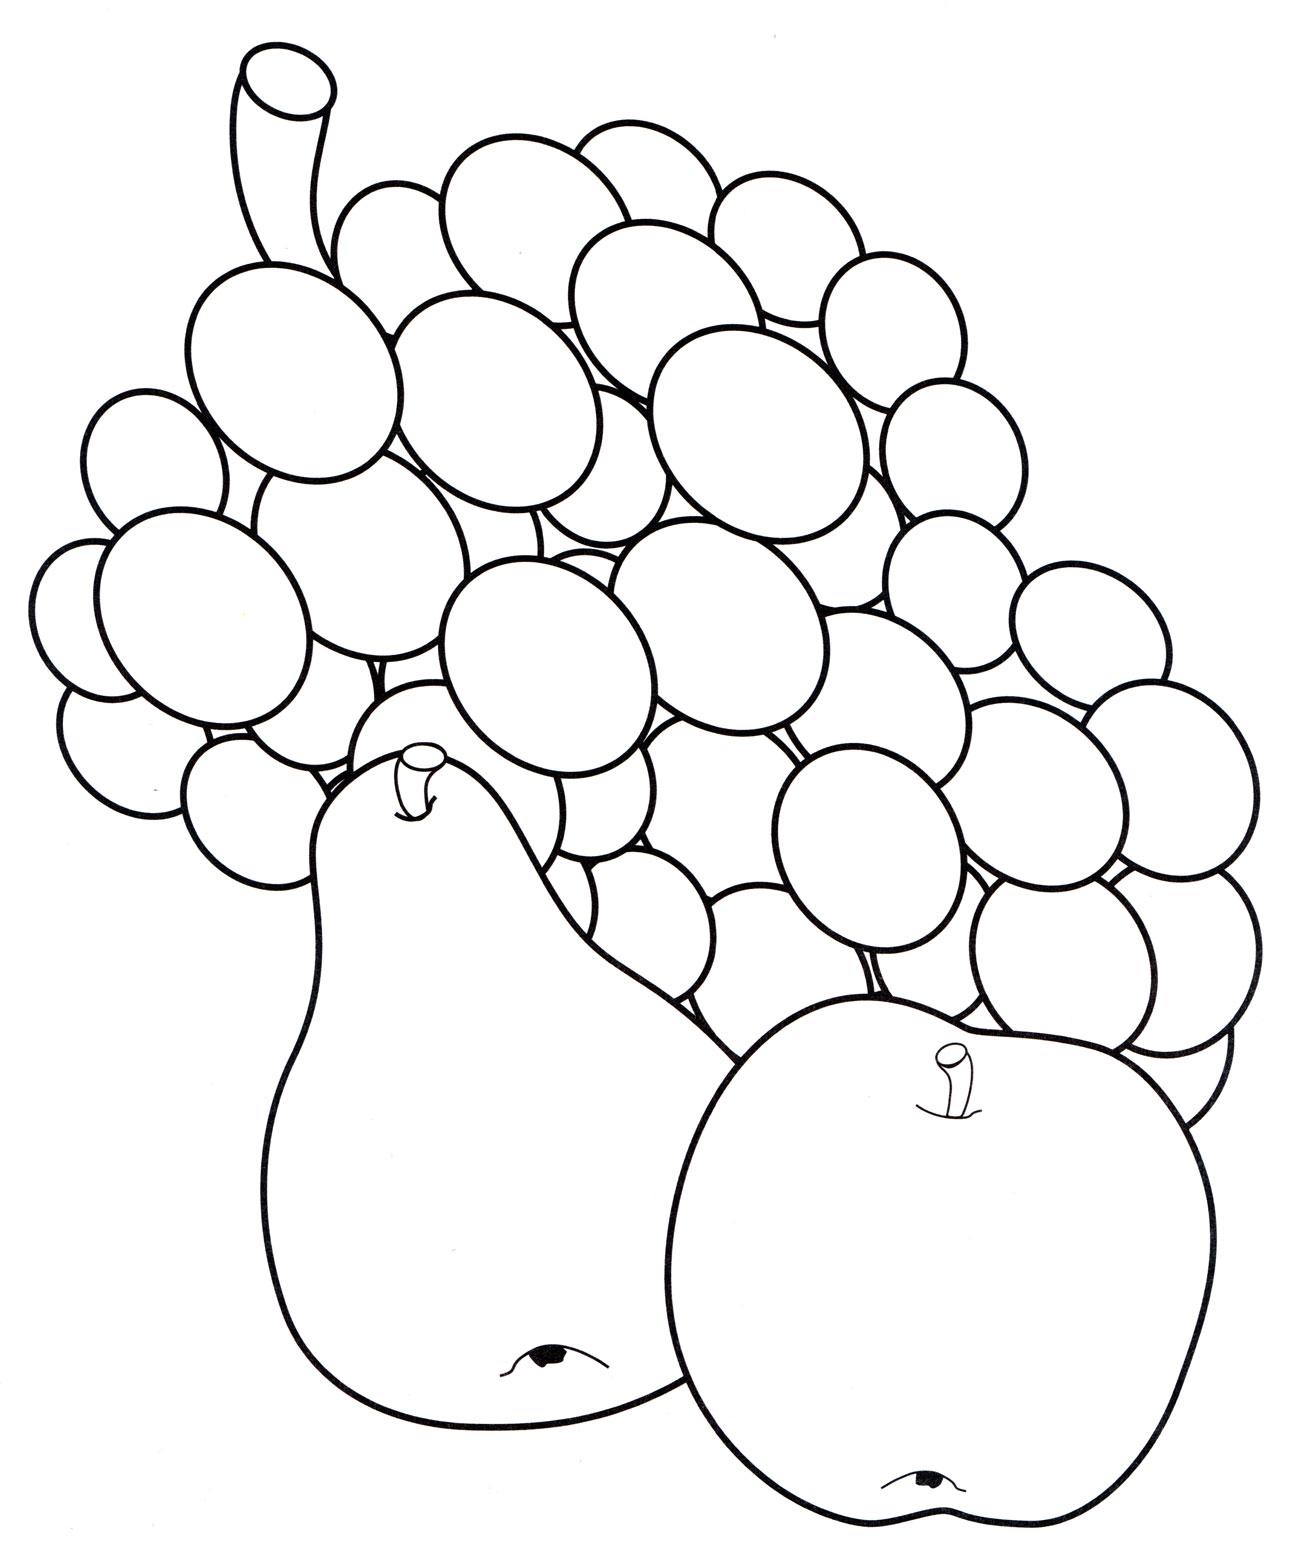 Раскраска Виноград, яблоко и груша - распечатать бесплатно